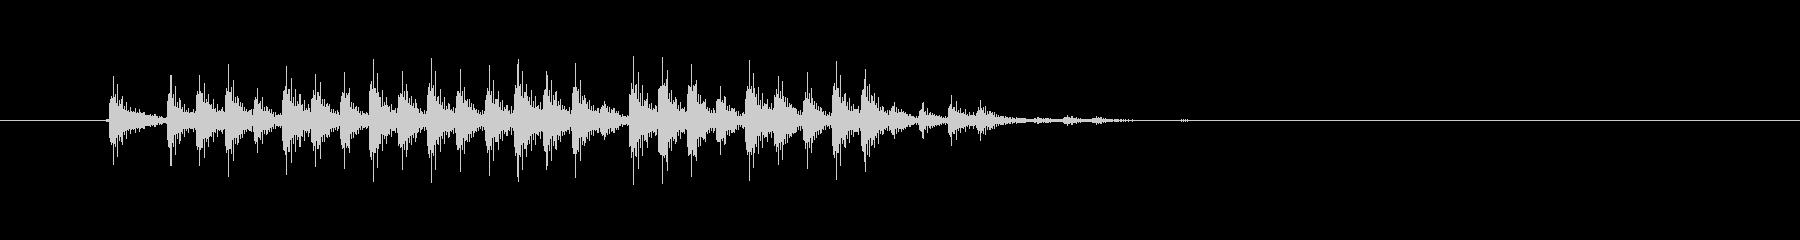 低音のリズムが走り抜けるロックの未再生の波形